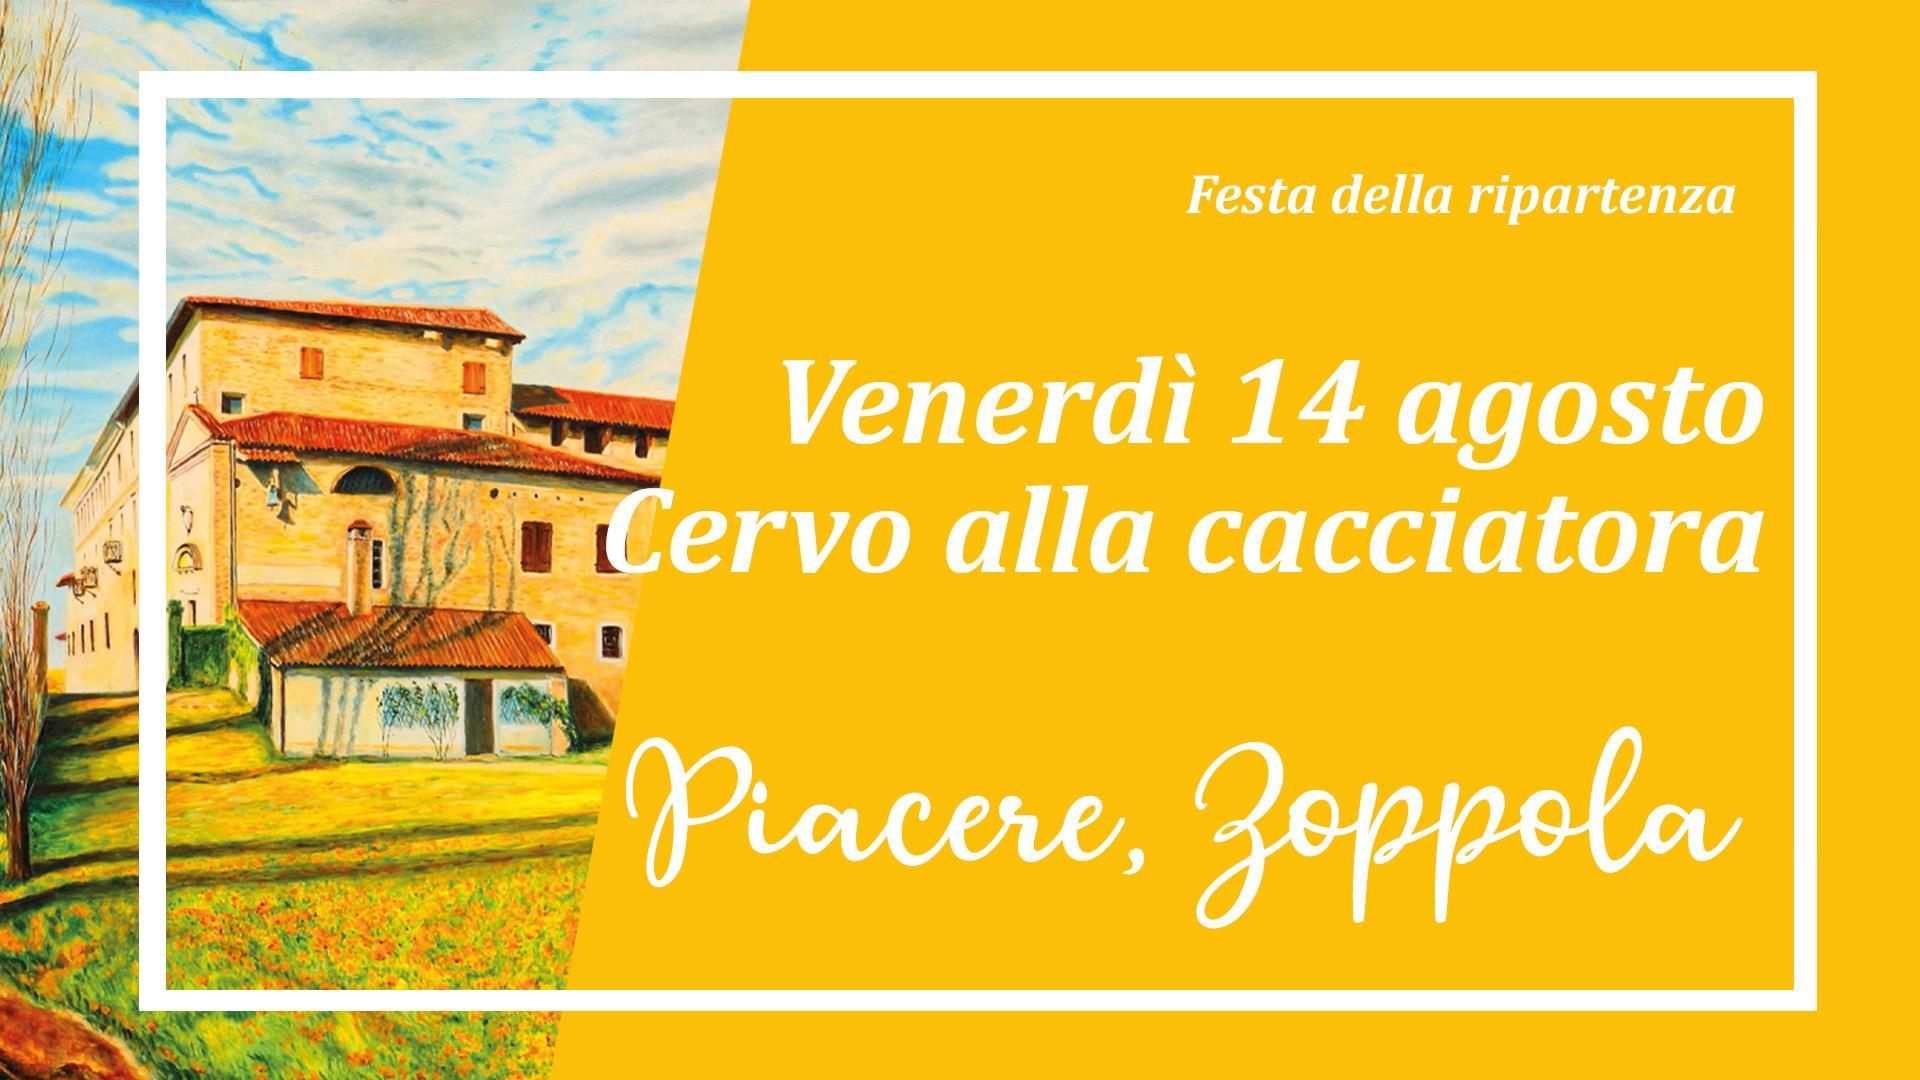 Venerdì 14 agosto il 9° Piacere, Zoppola!